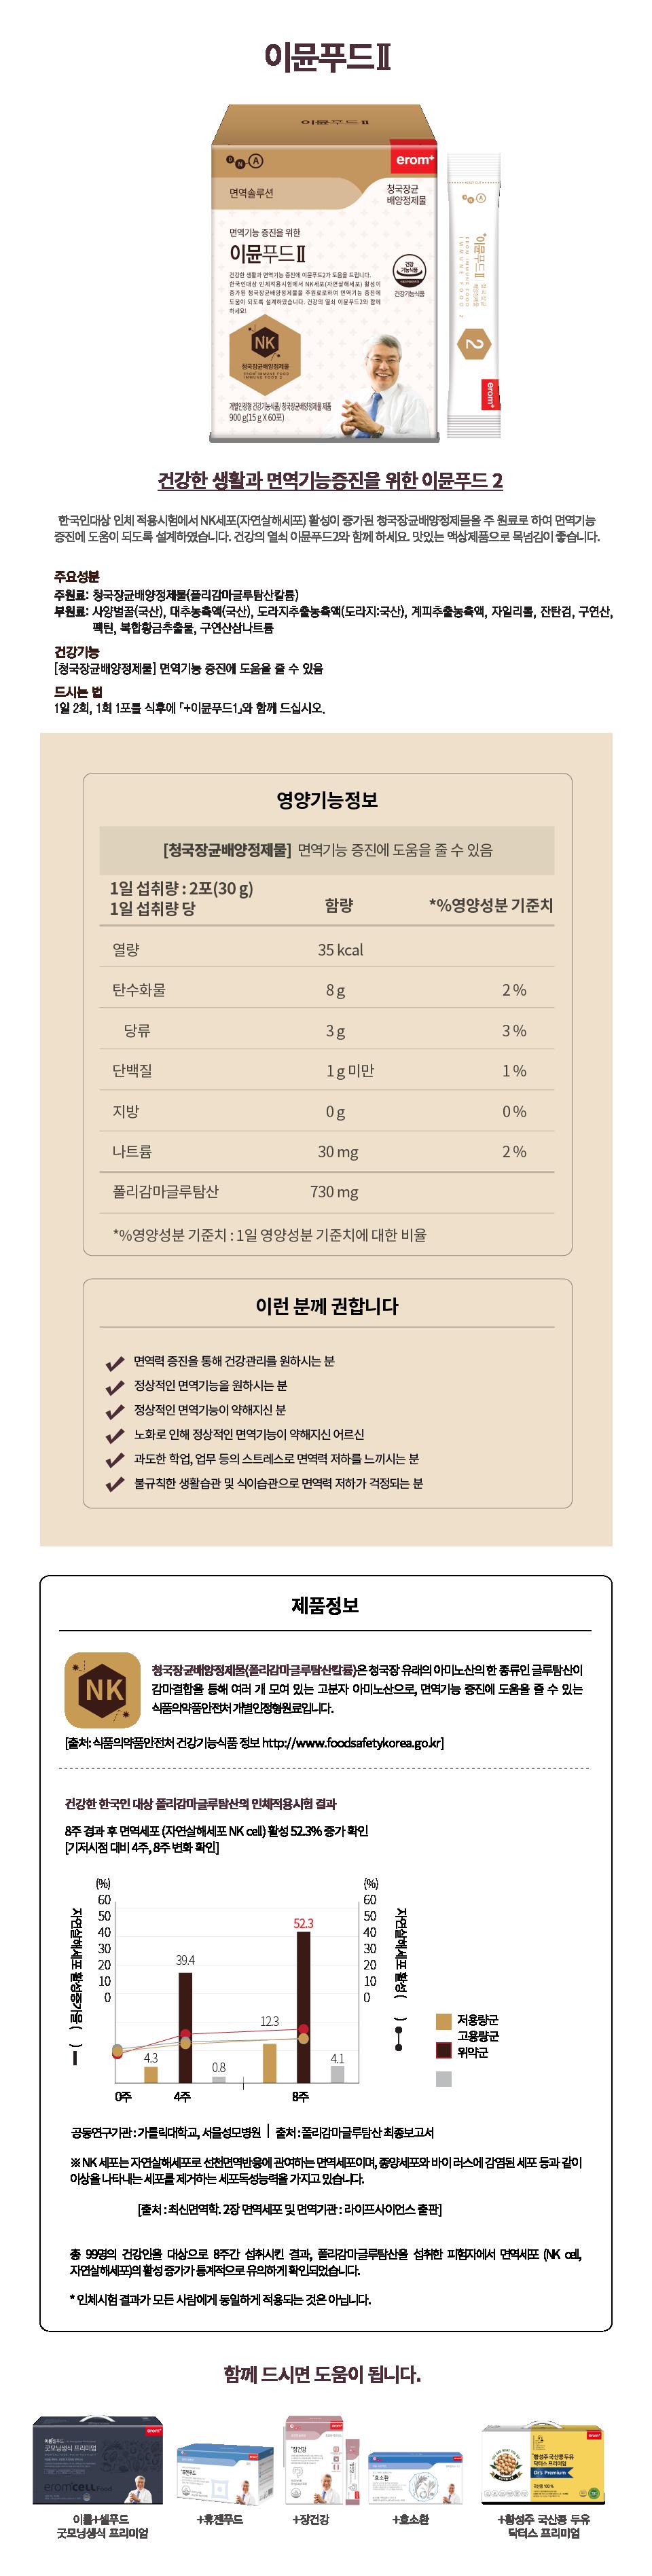 80_%EC%9D%B4%EB%A1%AC%ED%94%8C%EB%9F%AC%EC%8A%A4%20%EC%9D%B4%EB%AE%A8%ED%91%B8%EB%93%9C%EC%84%B8%ED%8A%B8_2.png